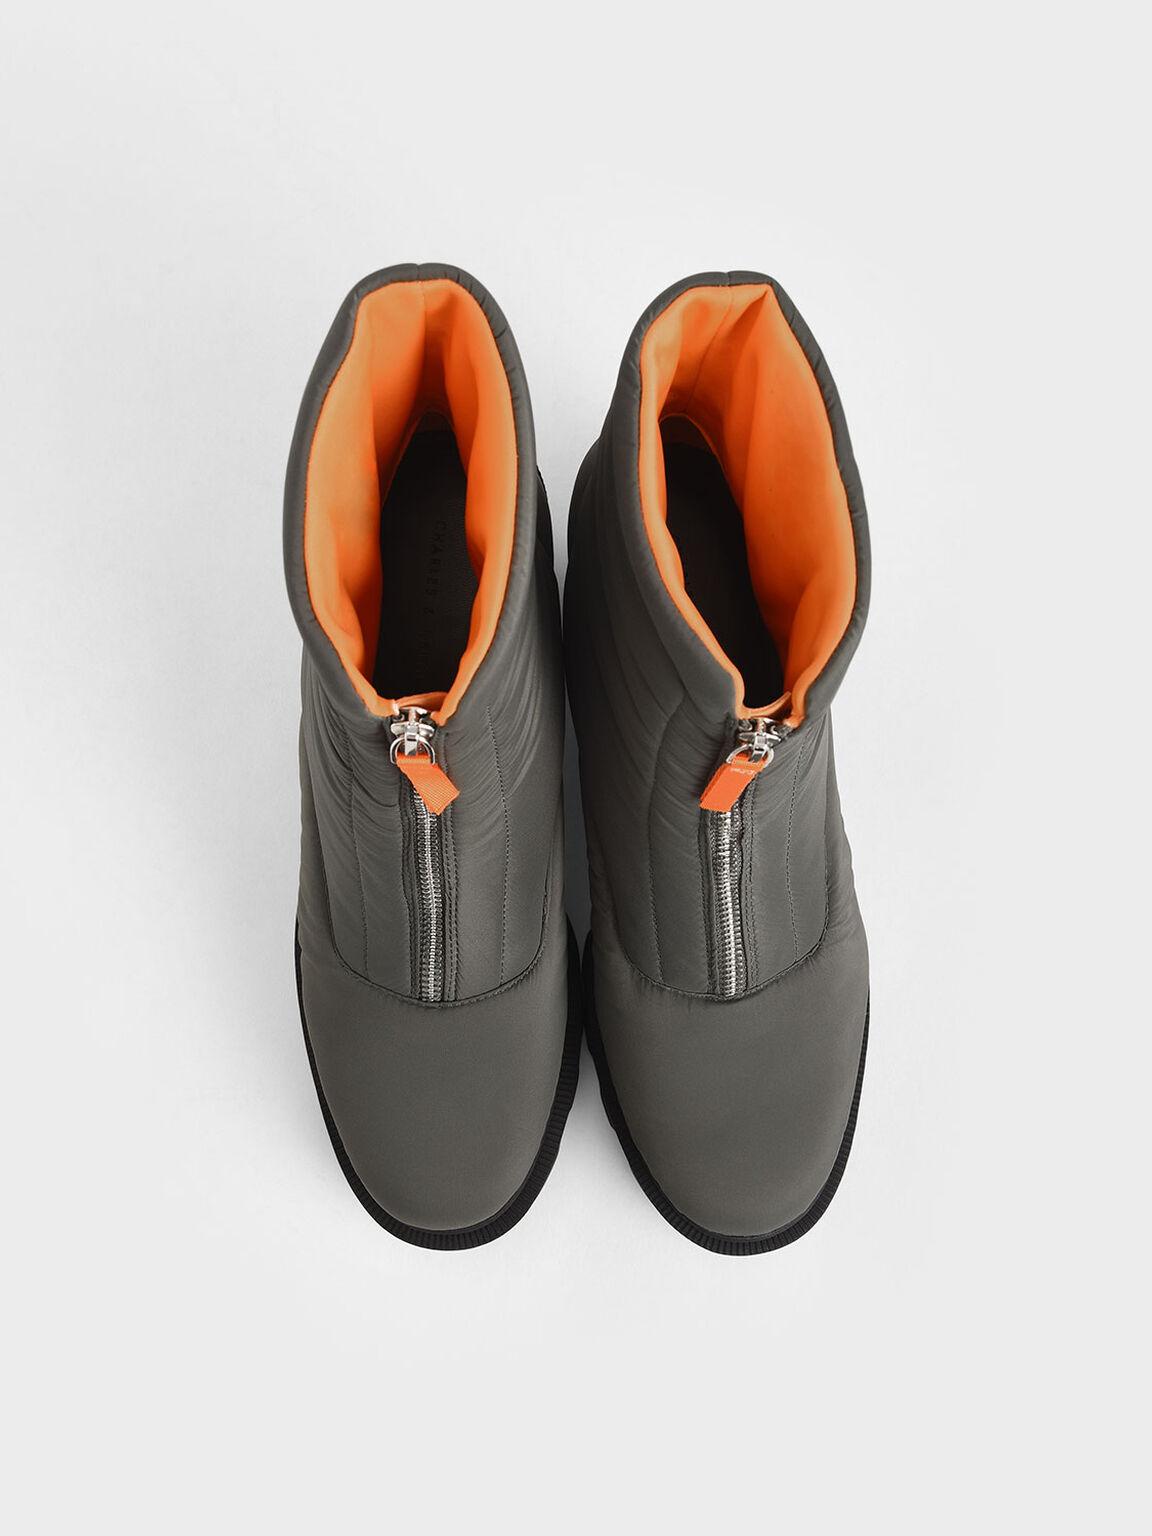 前拉鍊尼龍厚底靴, 灰綠色, hi-res